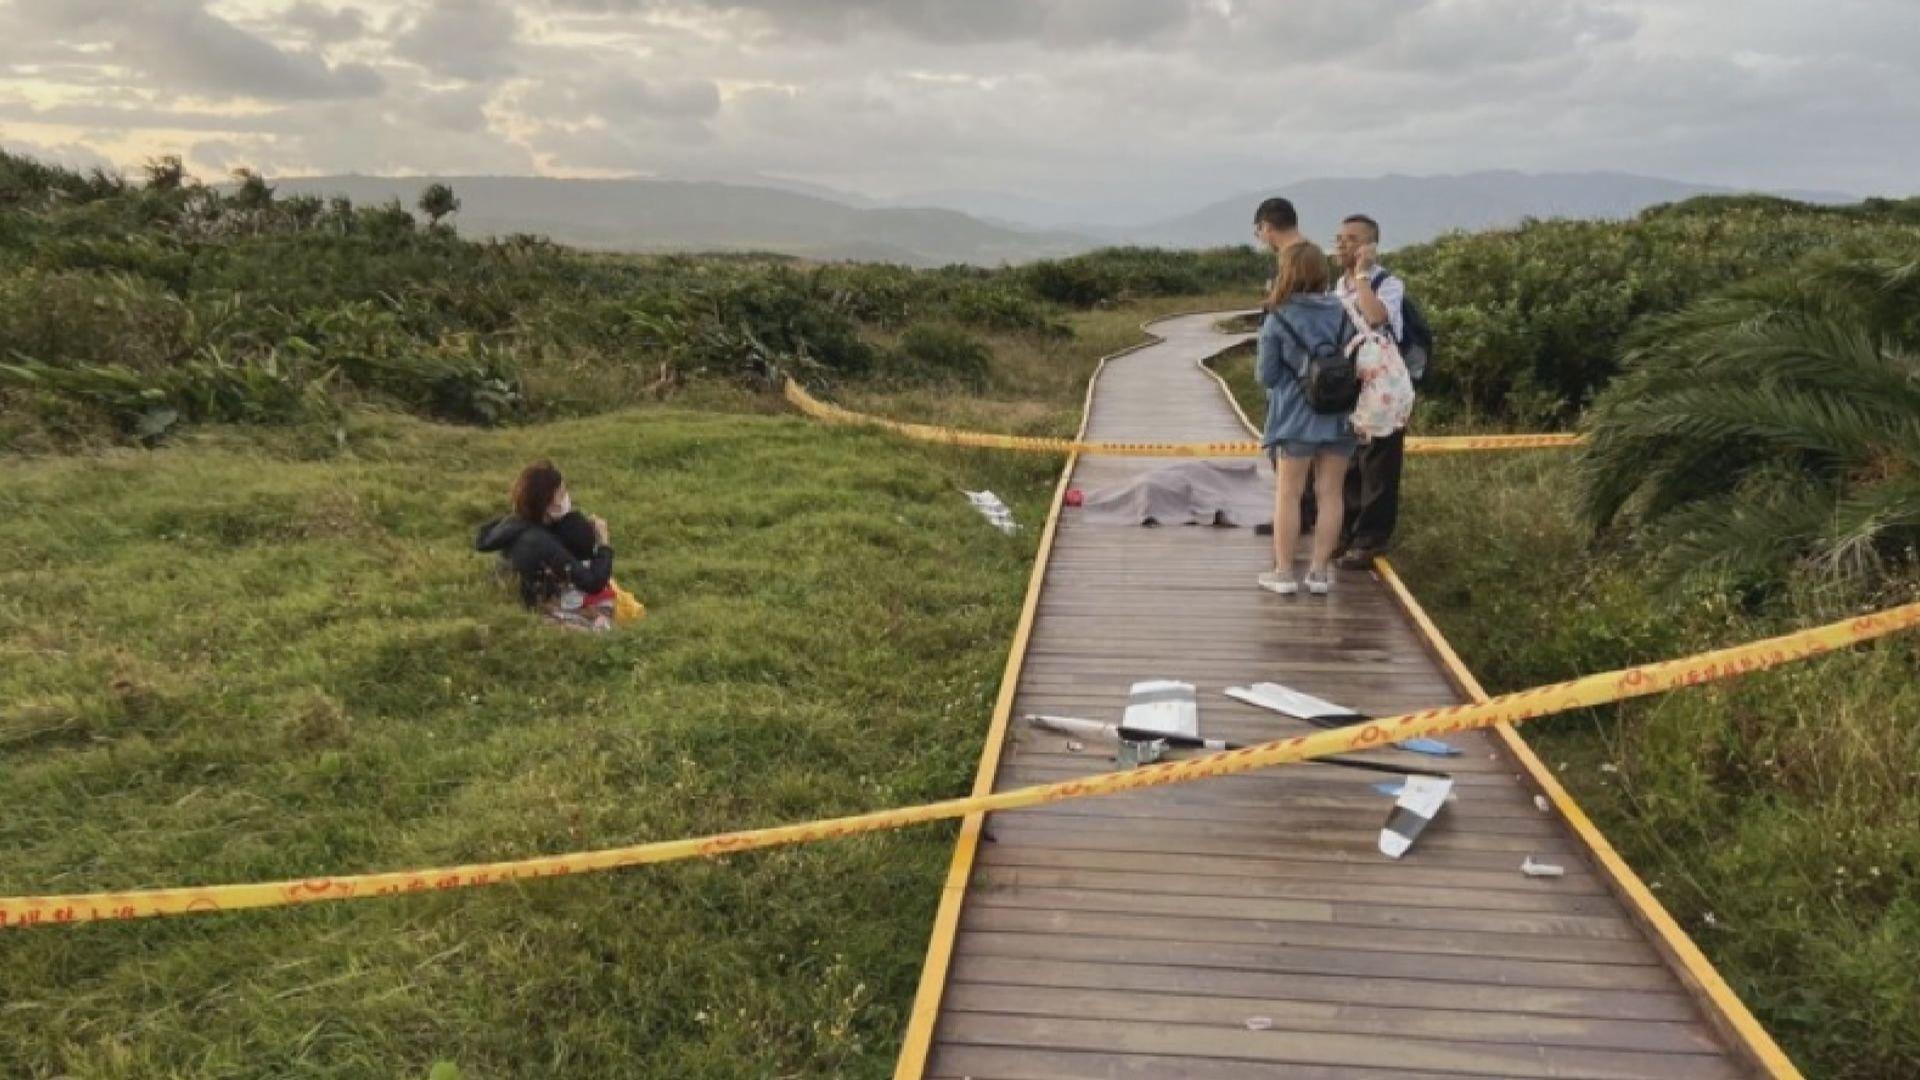 台灣一名女子遭滑翔機擊中死亡